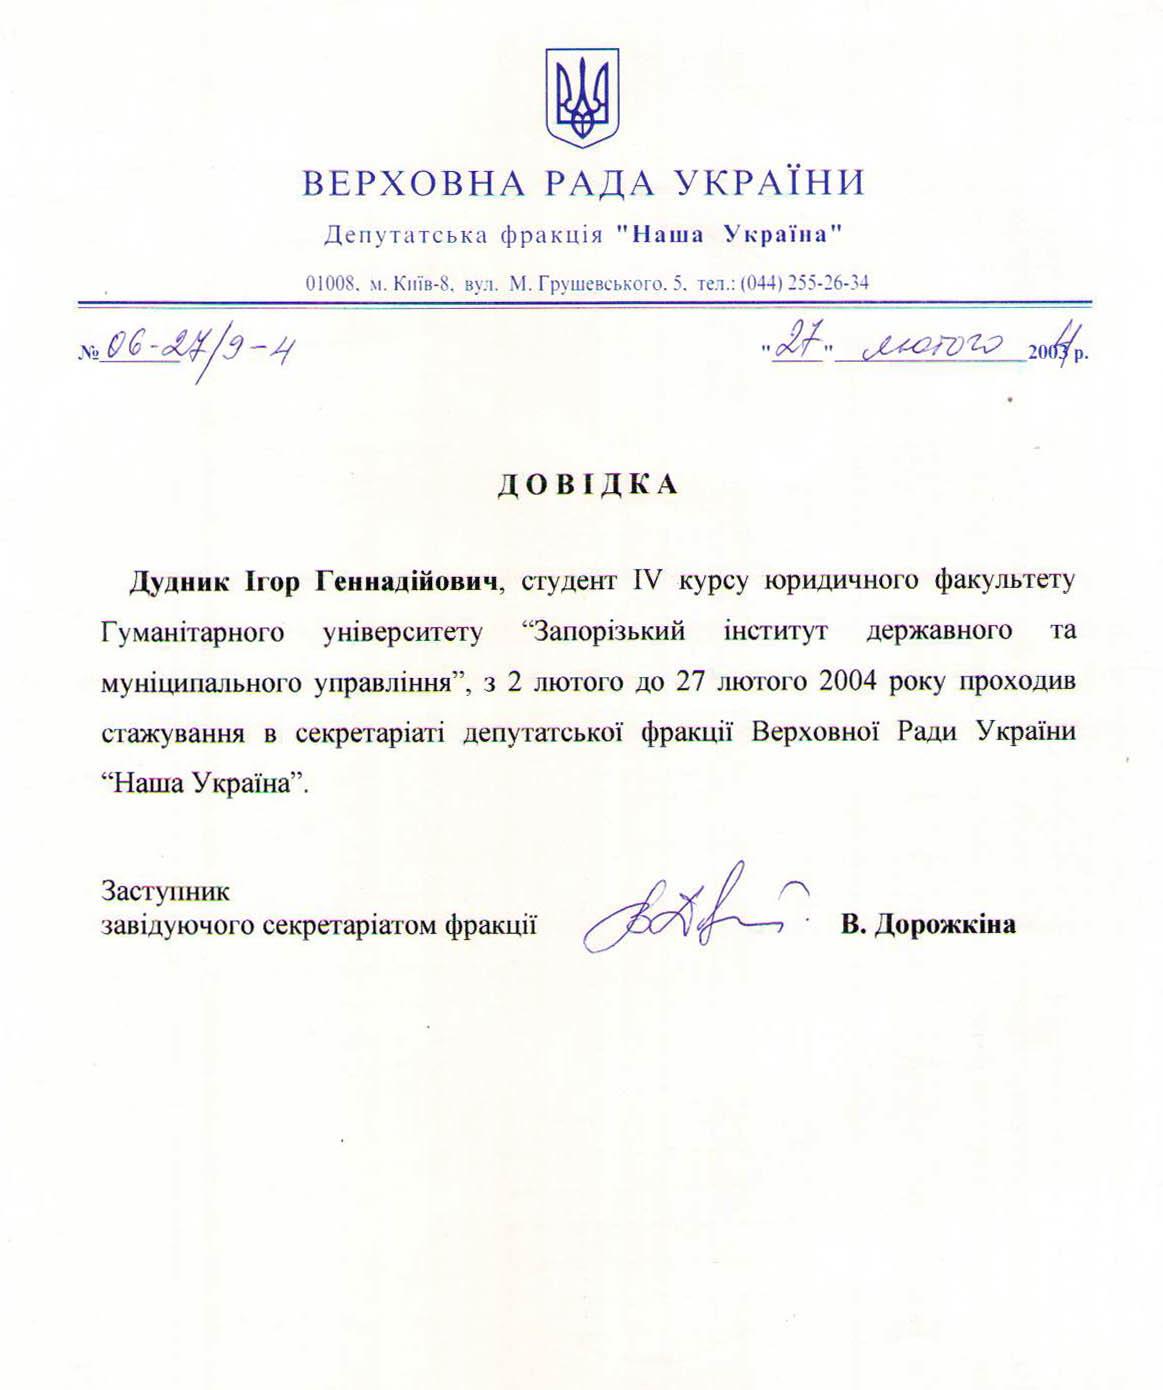 Справка. Стажировка в секретариате депутатской фракции. Дудник Игорь Геннадиевич